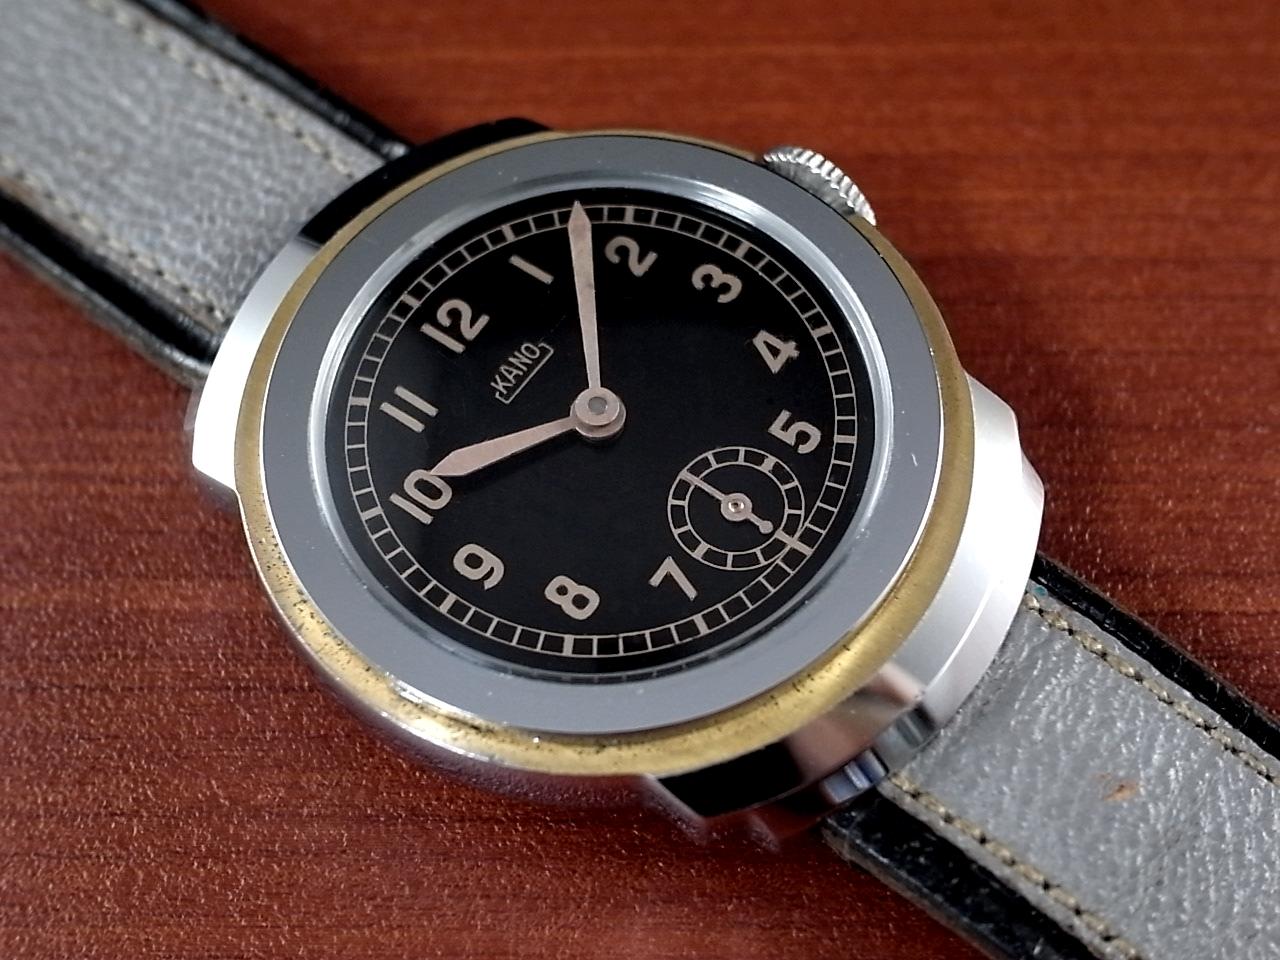 カーノ アールデコ ブラックミラーダイアル N.O.S. ドイツ時計 1930年代のメイン写真